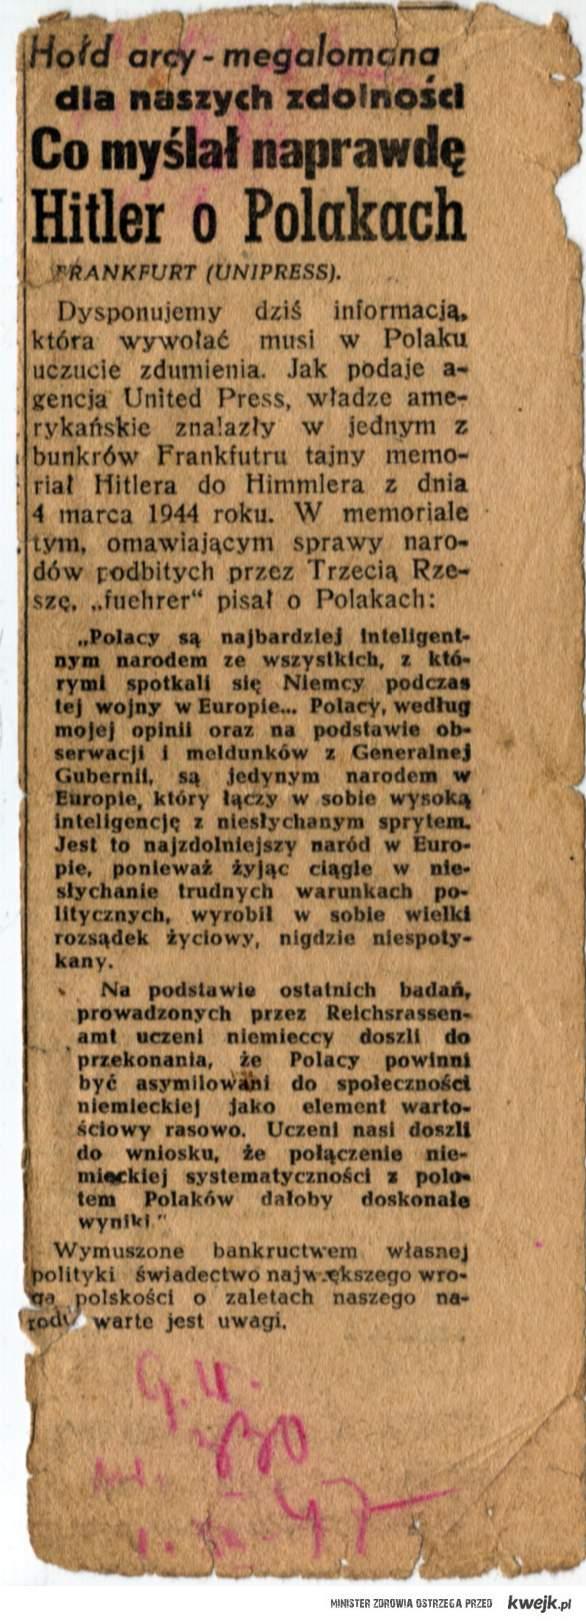 Hitler o Polakach